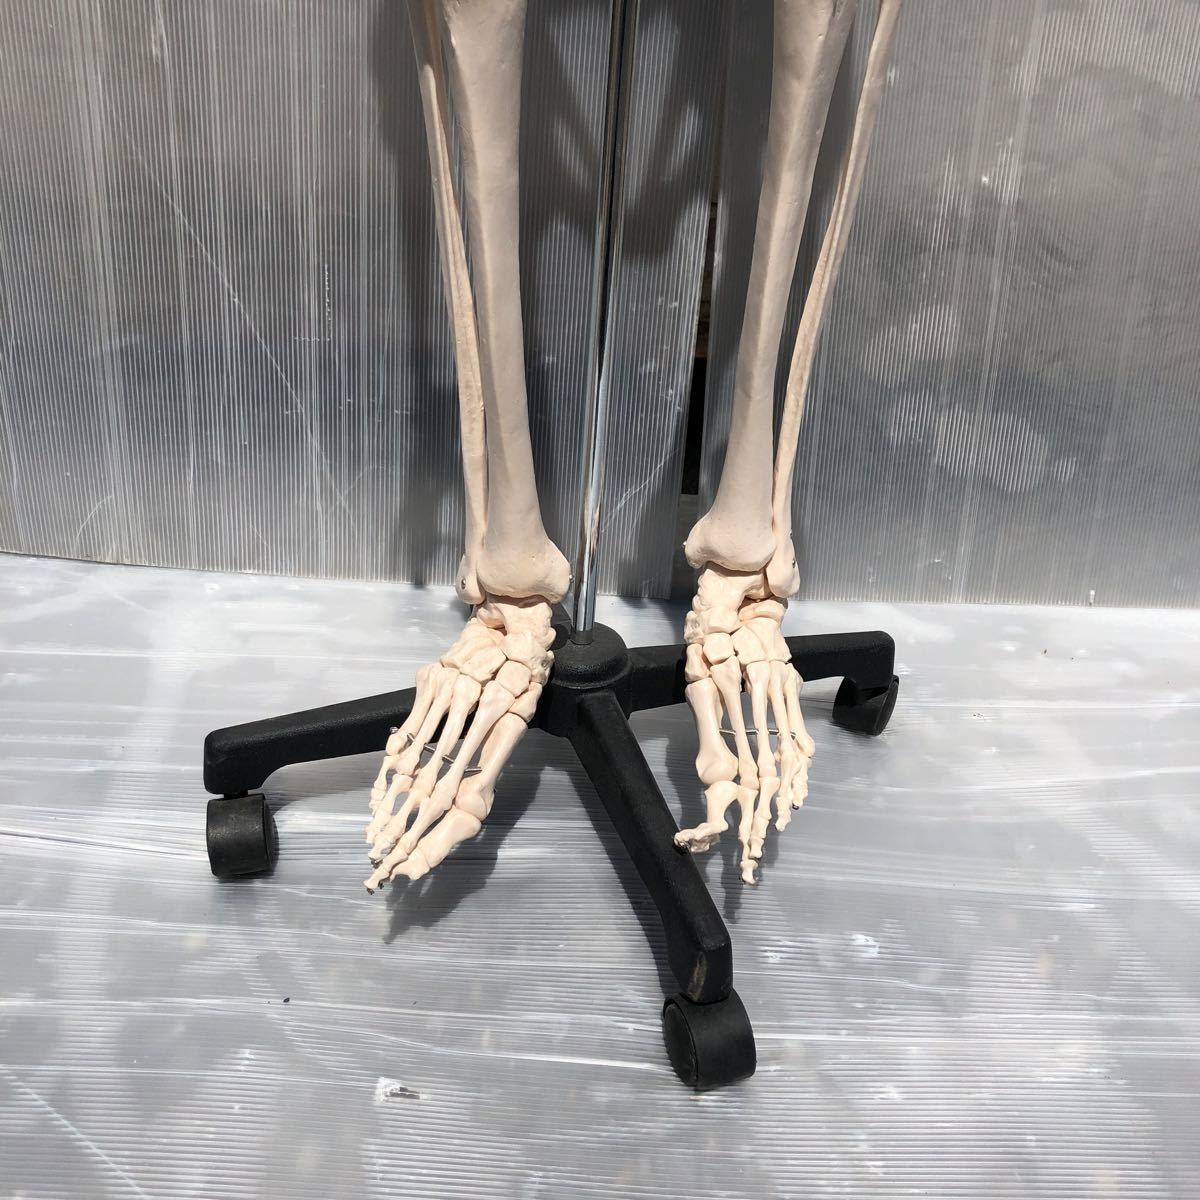 【美品】人体模型 骨格模型 骨格標本 等身大 ヒューマンスカル ガイコツ スカル 約165cm 医学 実験 骸骨 ジャンク 直接取引可能(矢199)_画像6